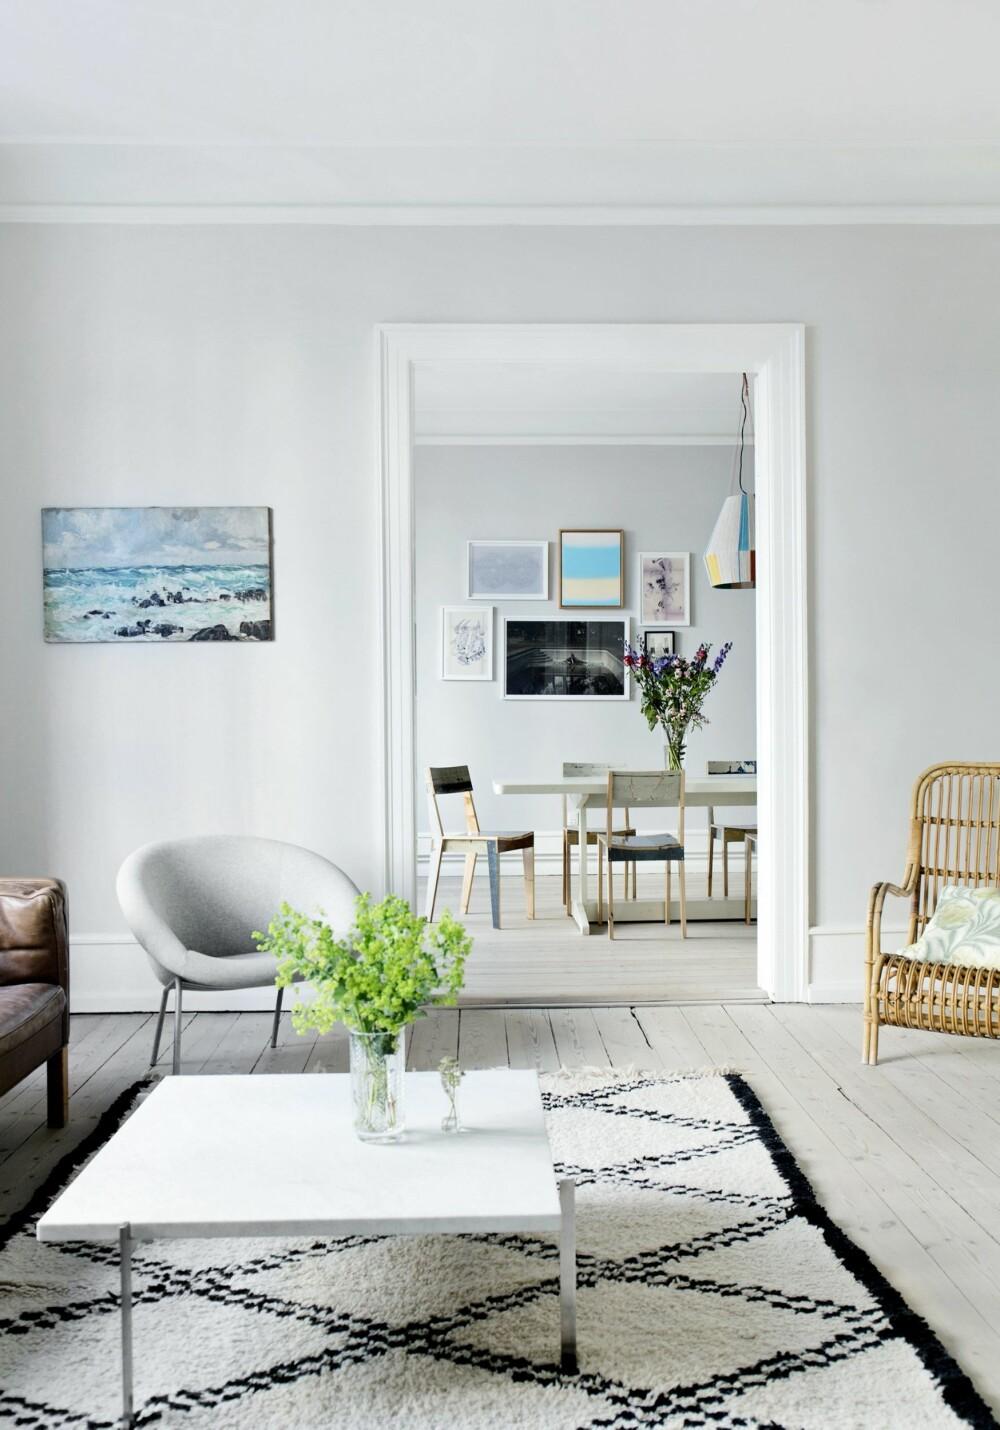 KLASSISK: Du kan se fra rom til rom i leiligheten, som er malt i farger som harmonerer godt med hverandre. Lenestolen er fra Walter Knoll. Poul Kjærholms marmorbord er plassert på et marokkansk Beni Ourain-teppe. Den enkle kurvstolen er arvet.